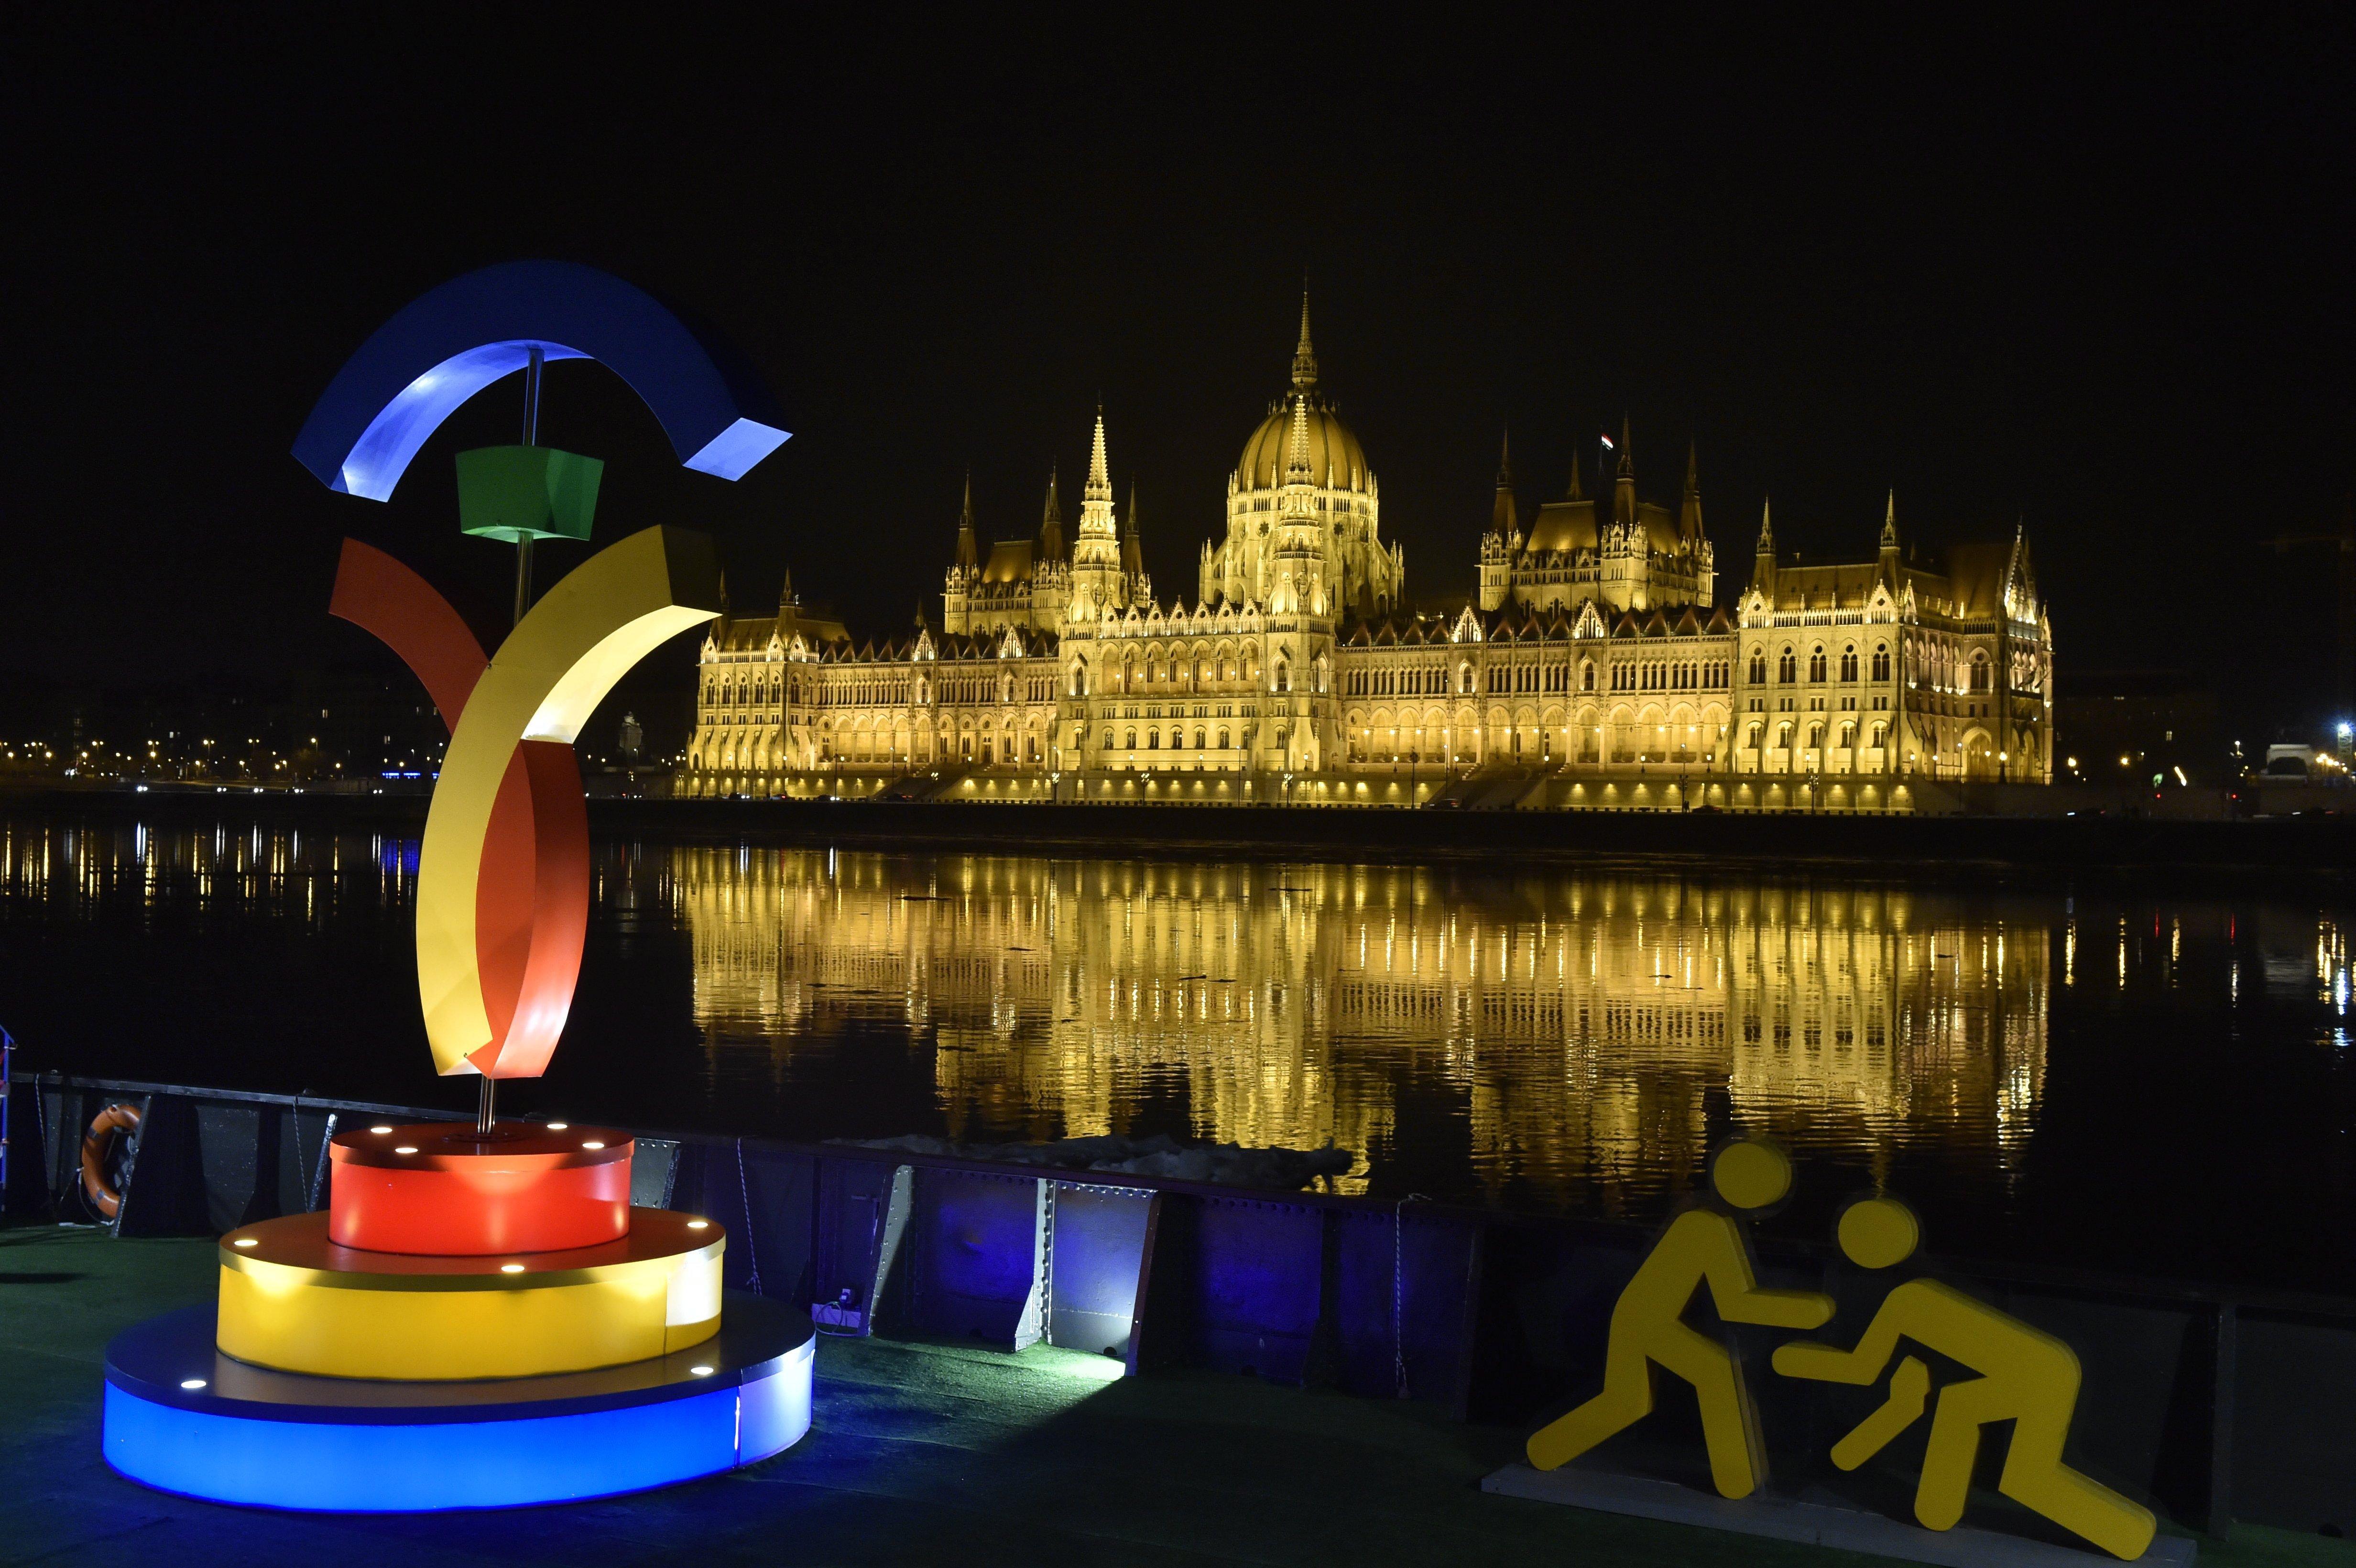 Az olimpiai pályázat visszavonásának igazi üzenete az, hogy a Fidesz már nem is hajlandó semmilyen demokratikus vitára